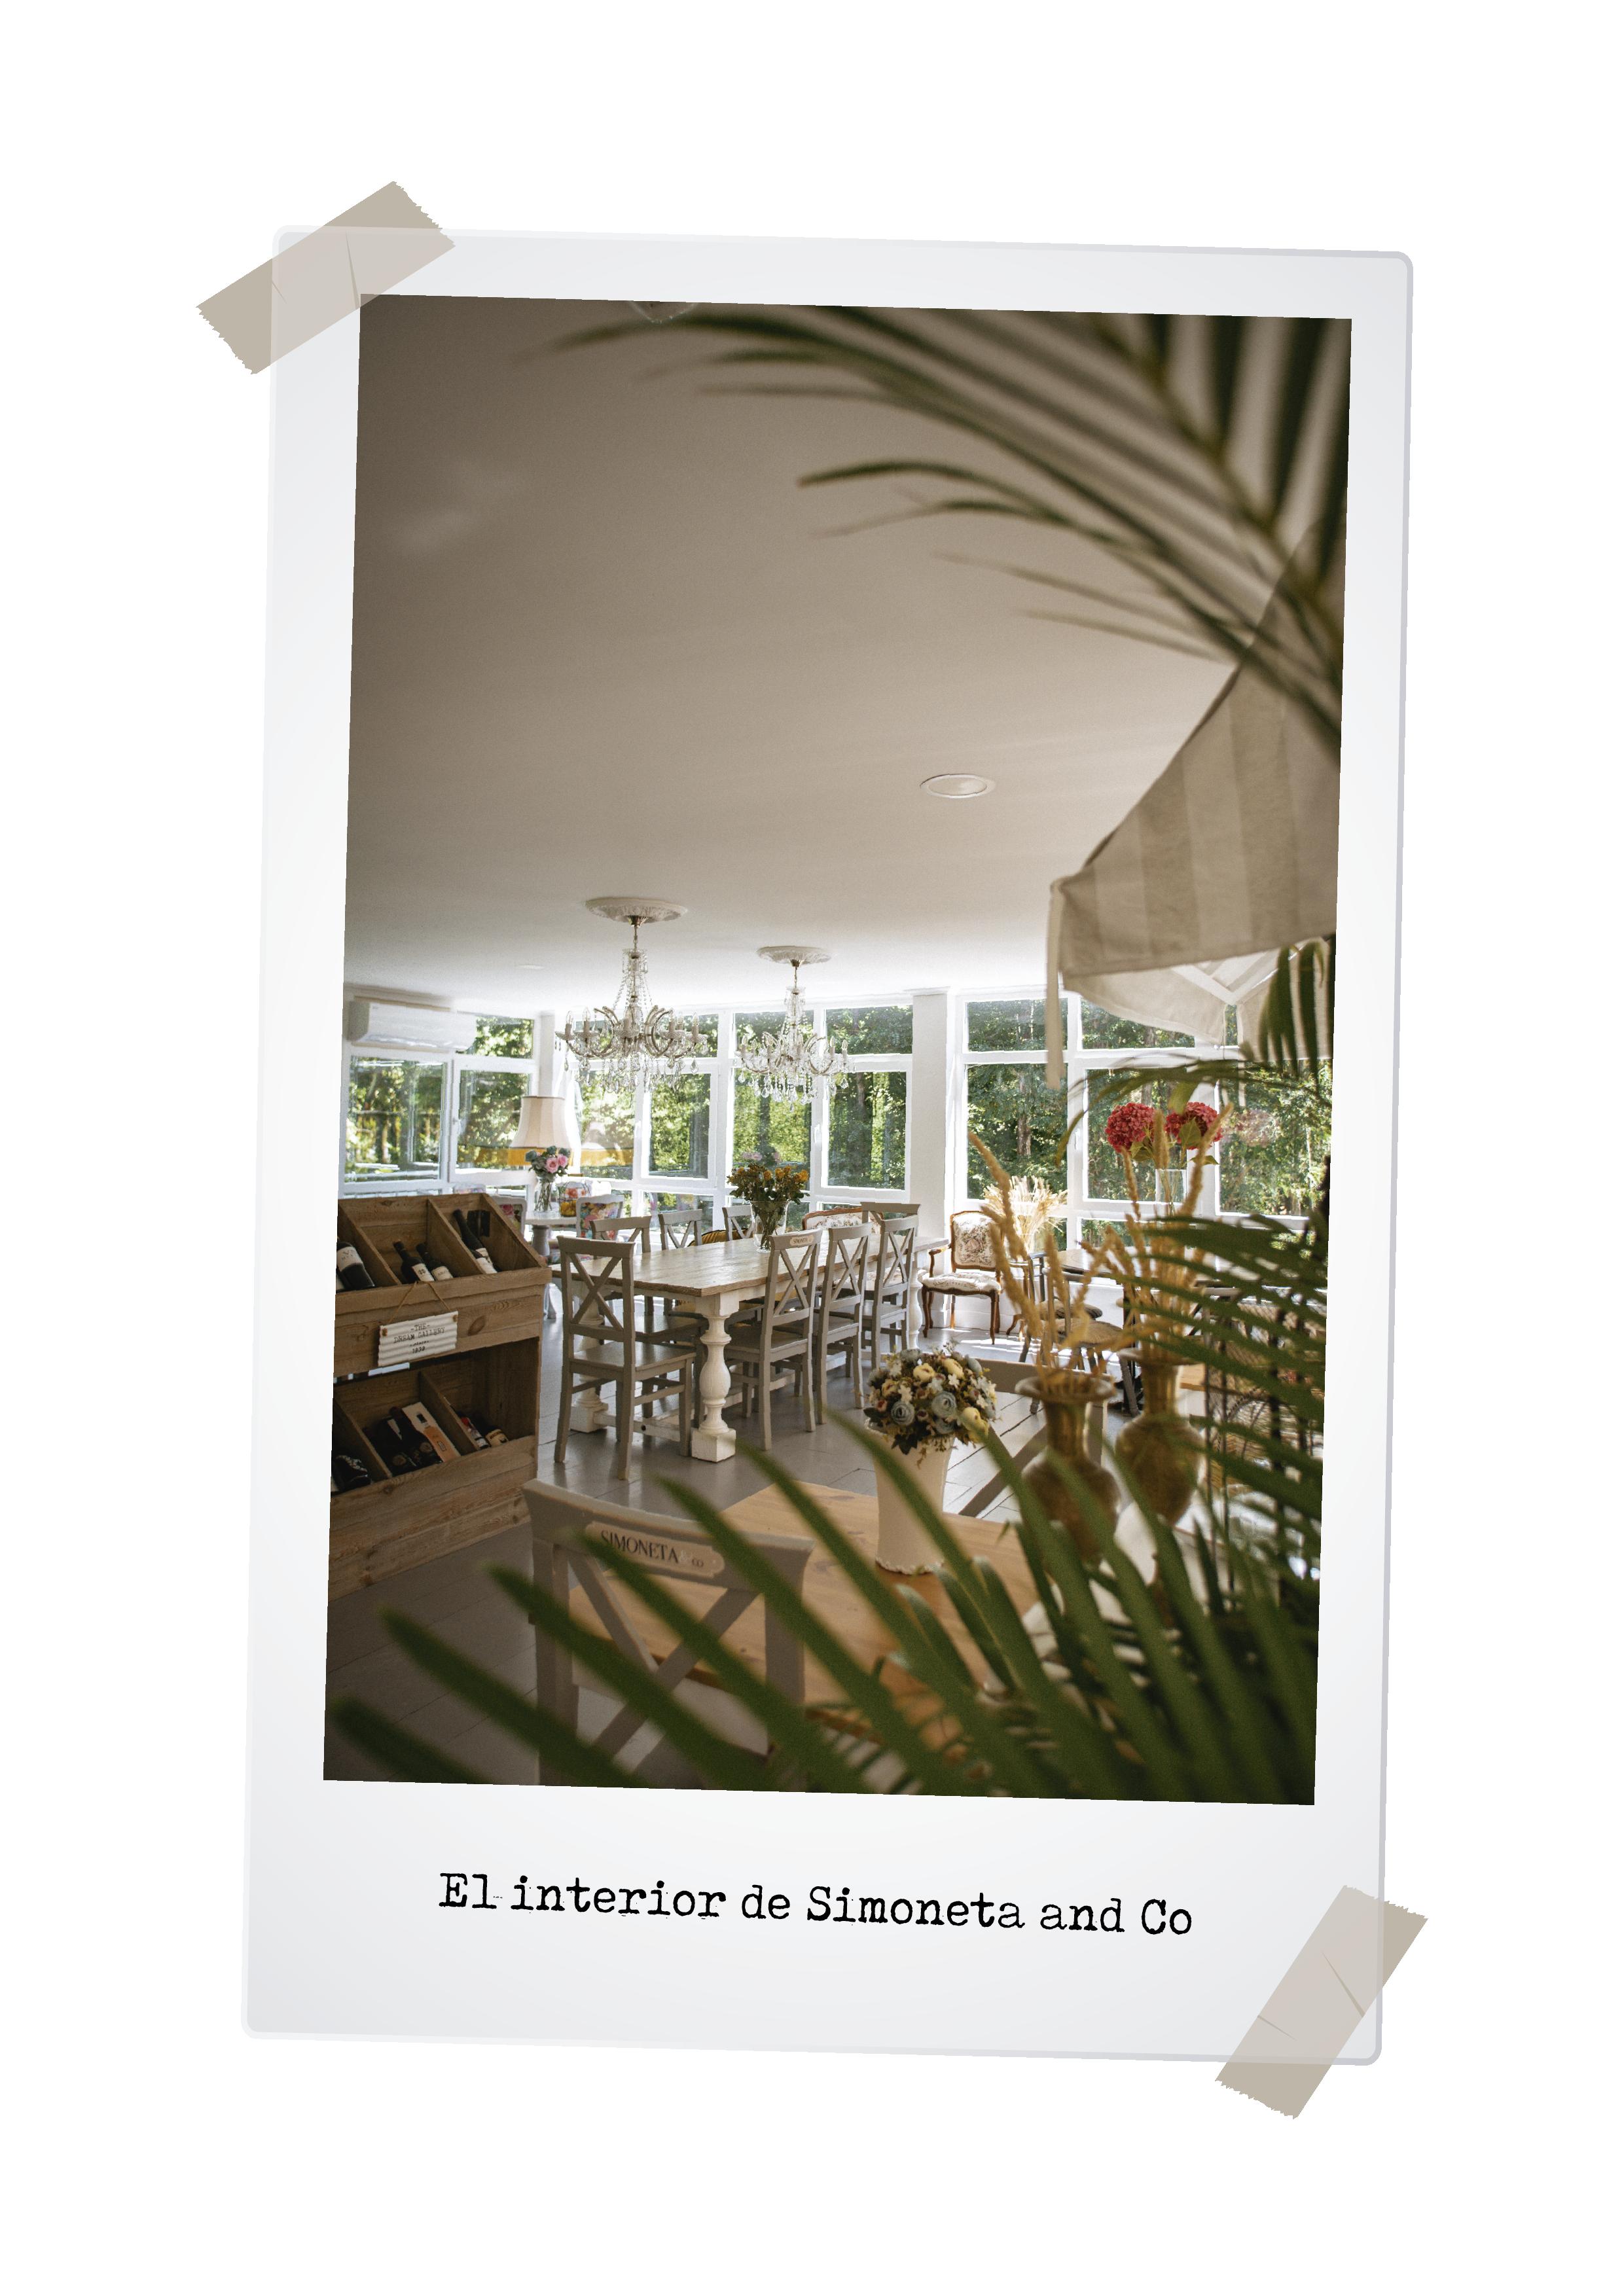 Interior SimonetaandCo Restaurante Mondariz Balneario